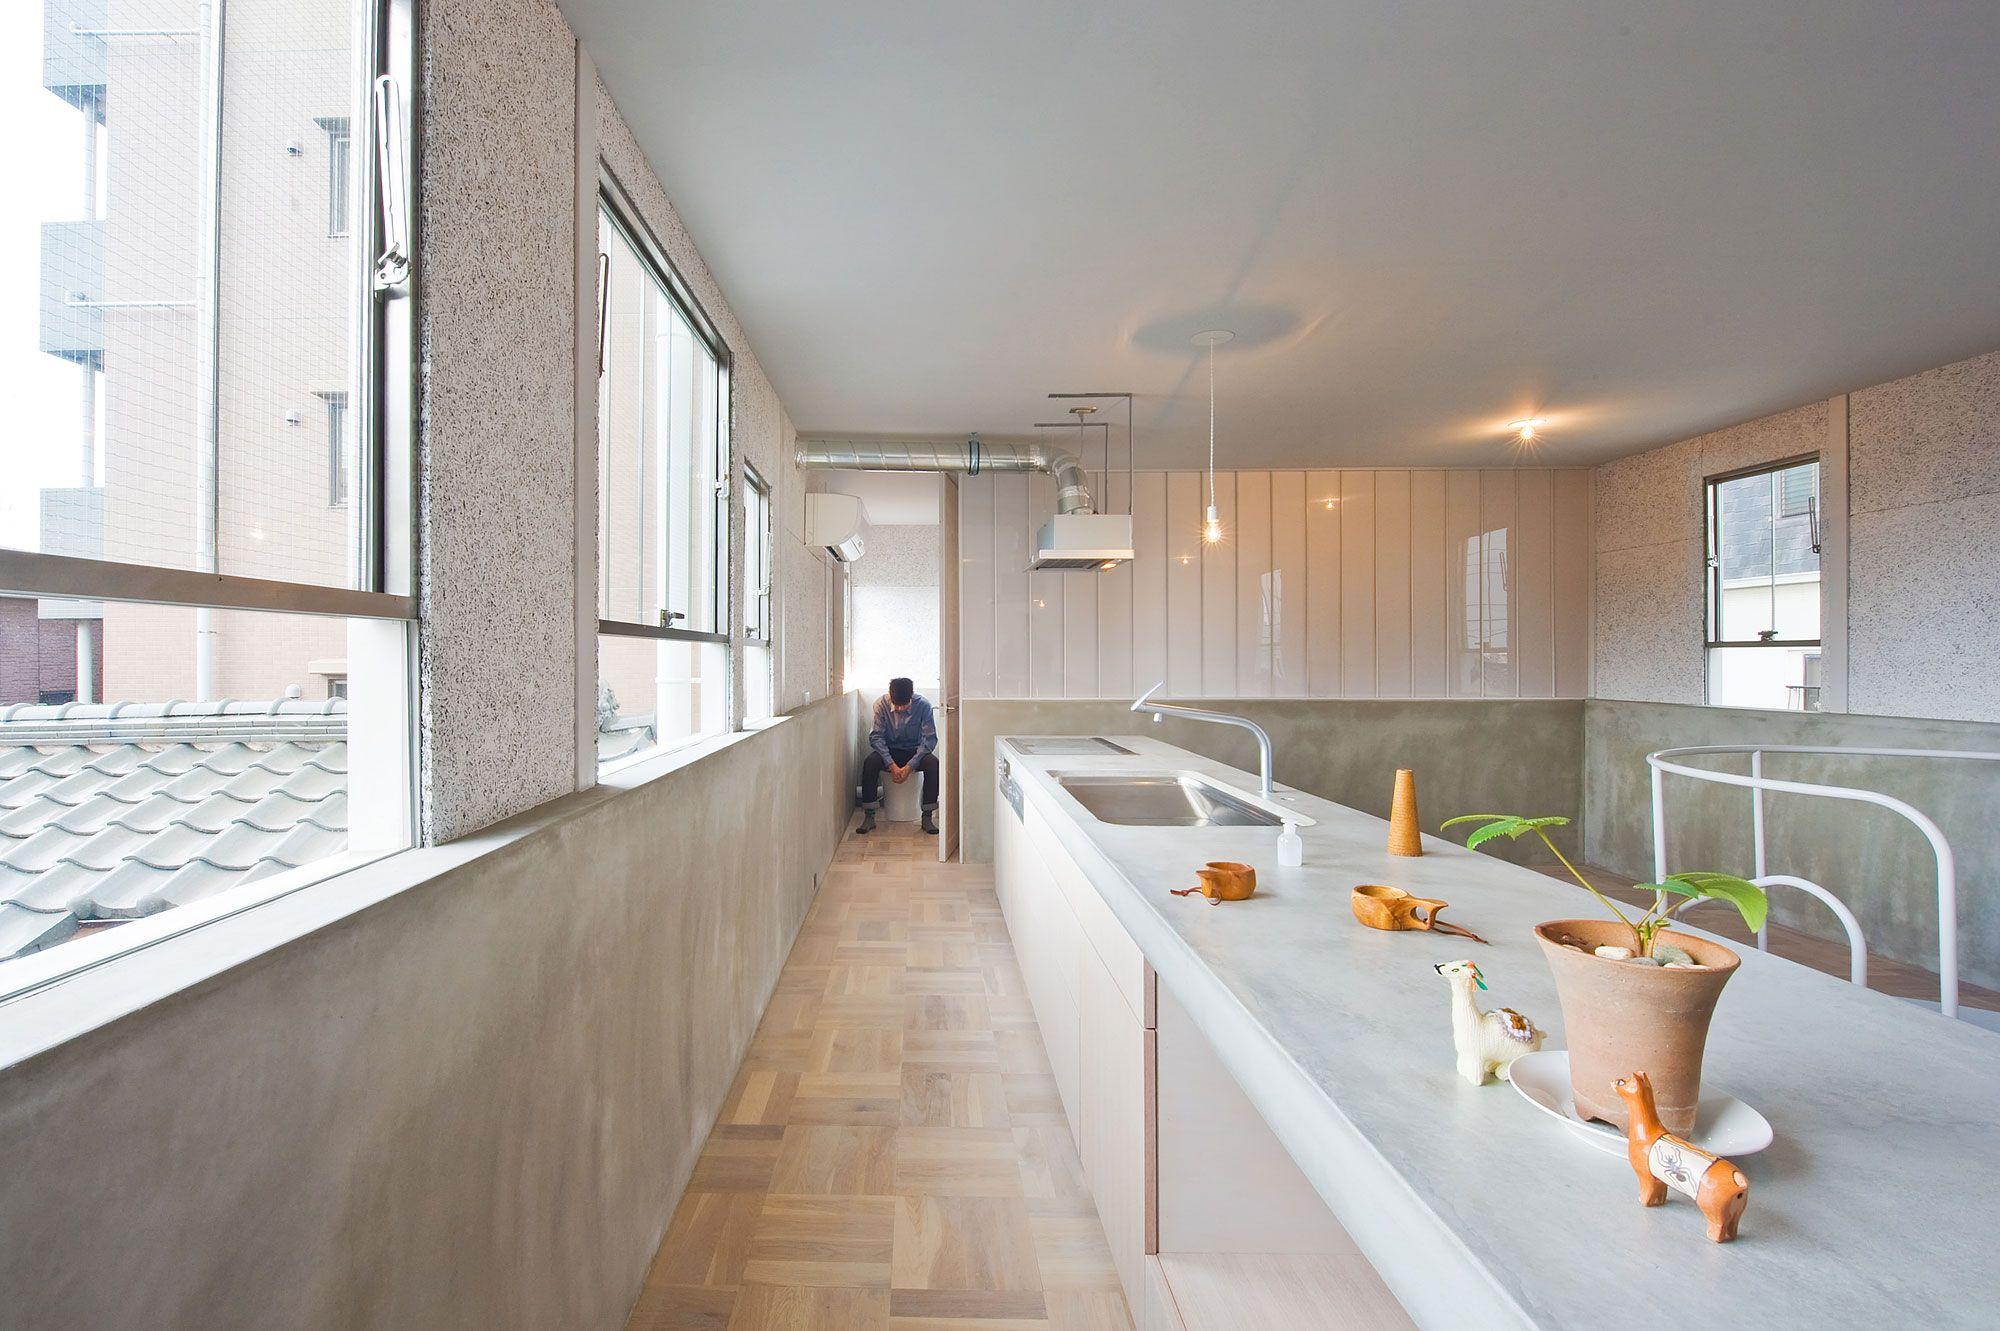 k housekimura matsumoto (18) | caesarstone sleek concrete